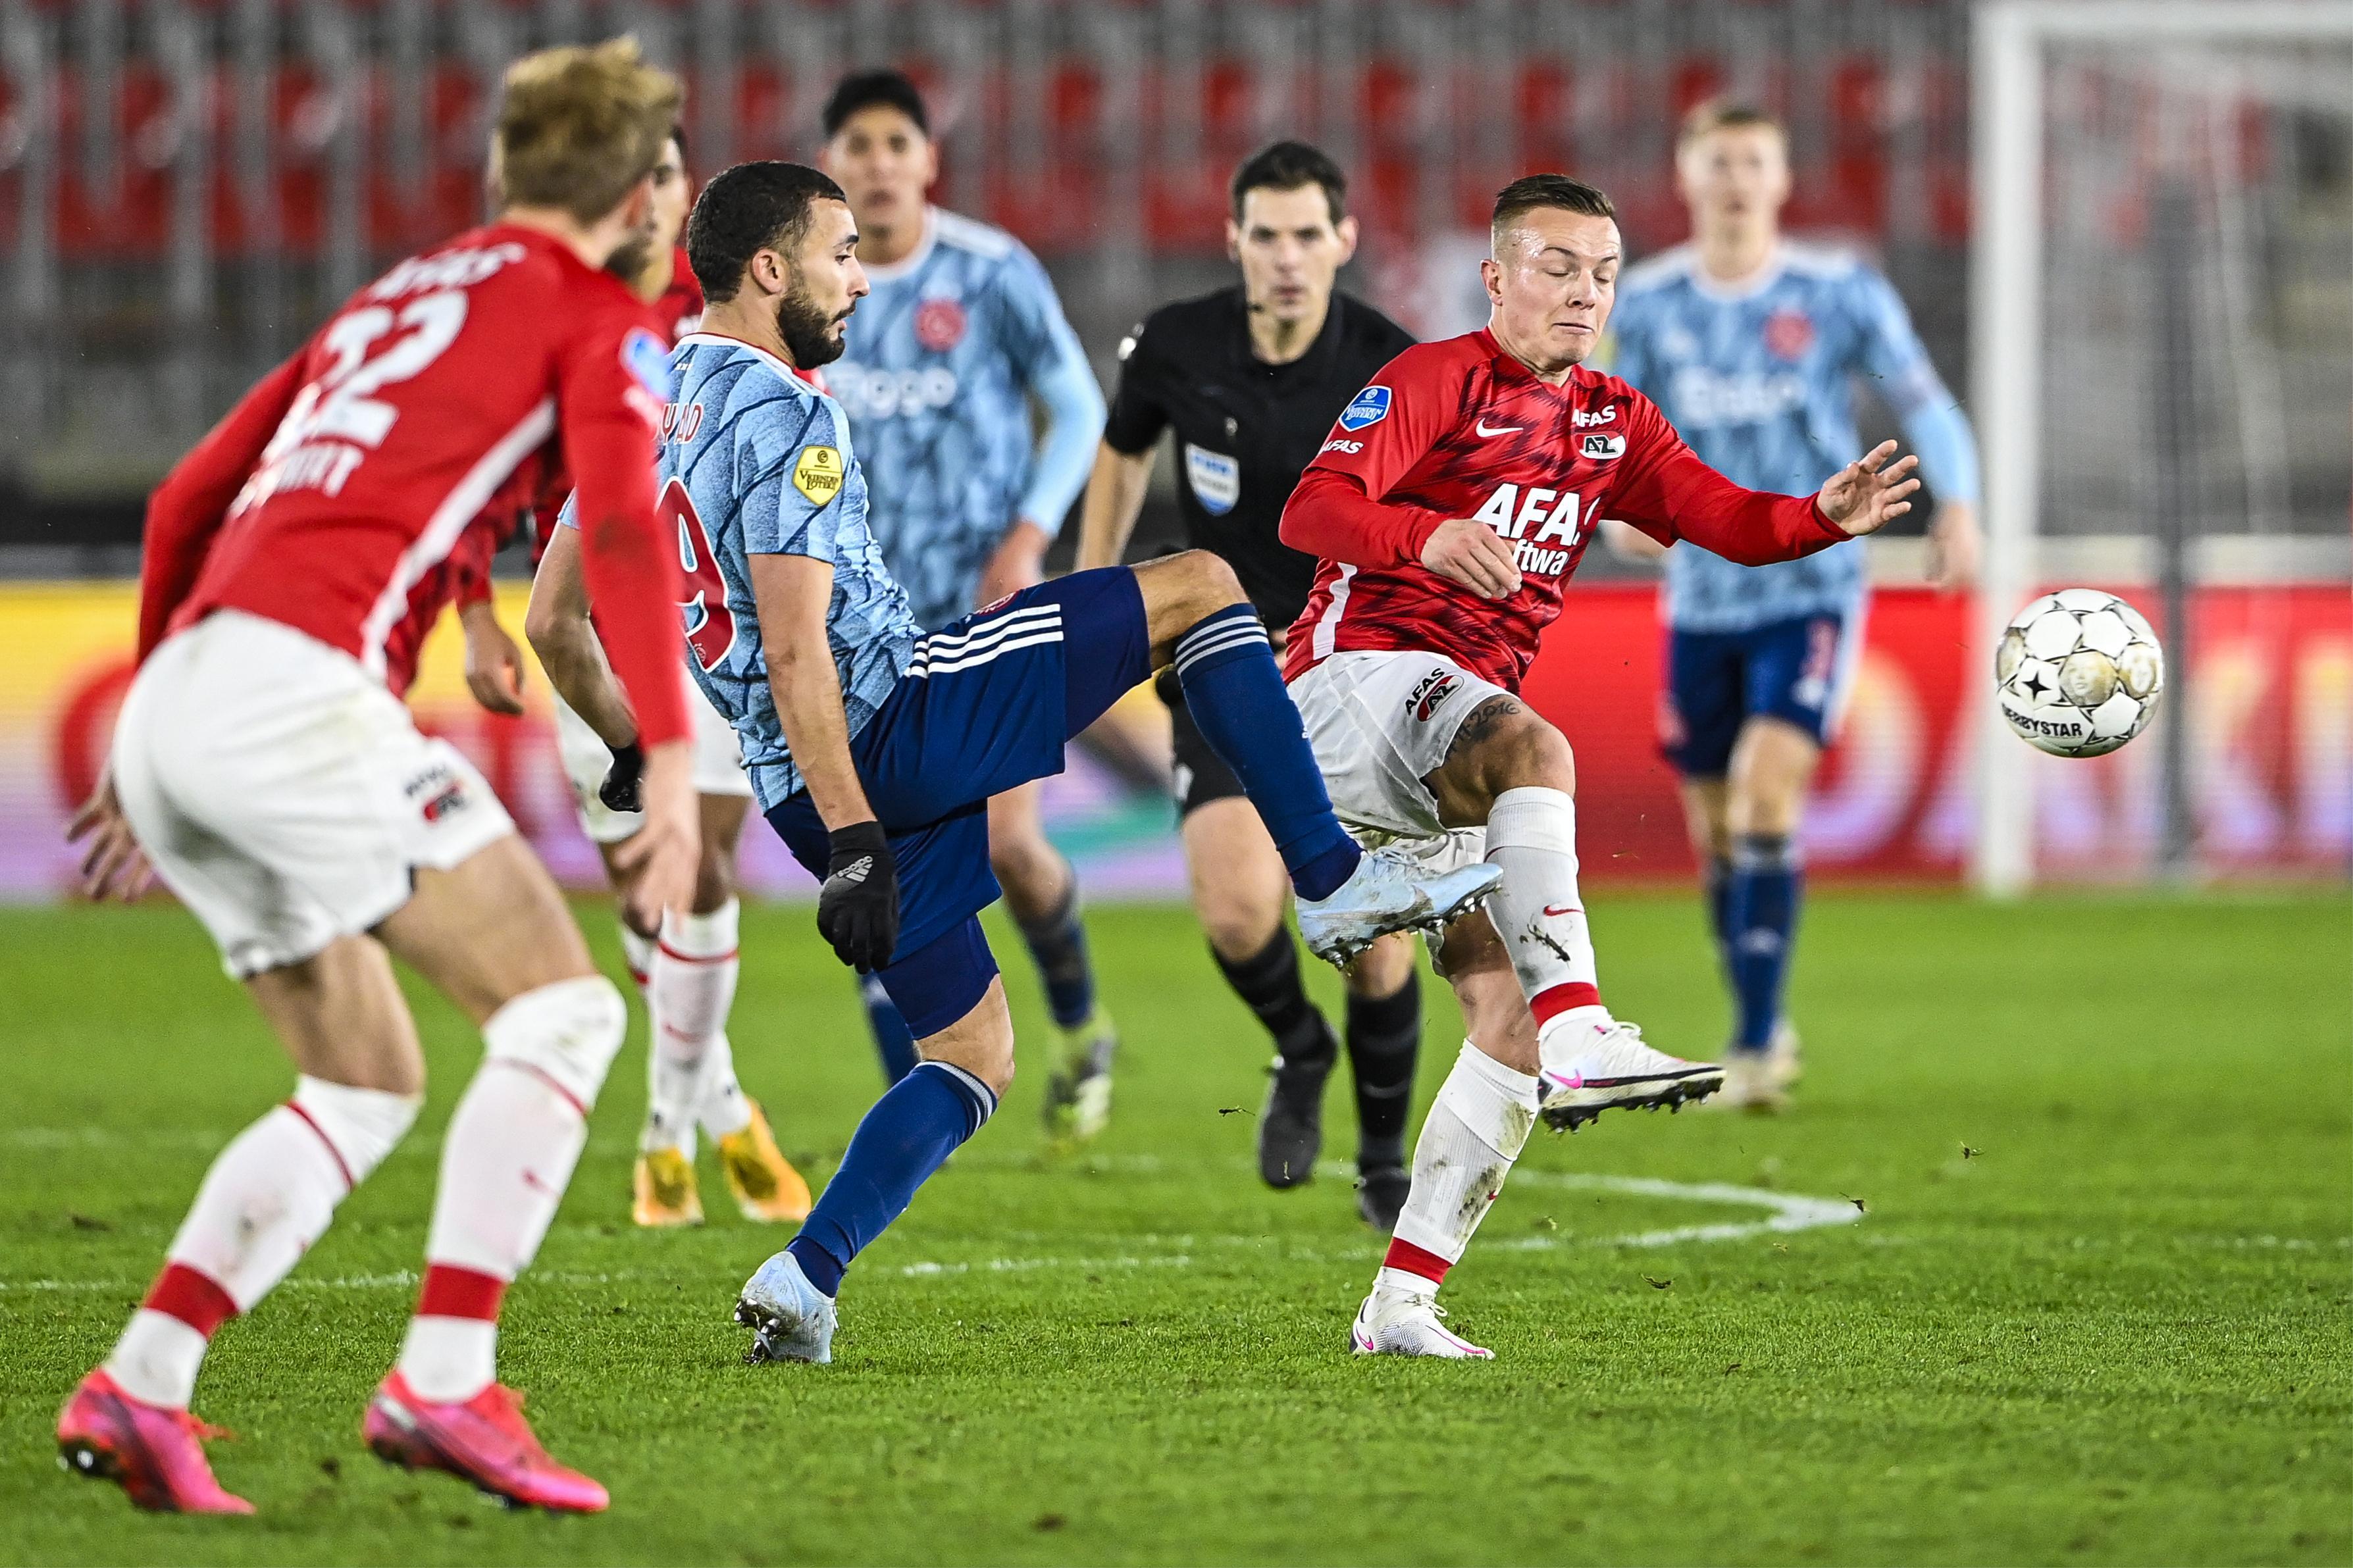 Tweede keus van Ajax gooit AZ uit het bekertoernooi na teleurstellende topper